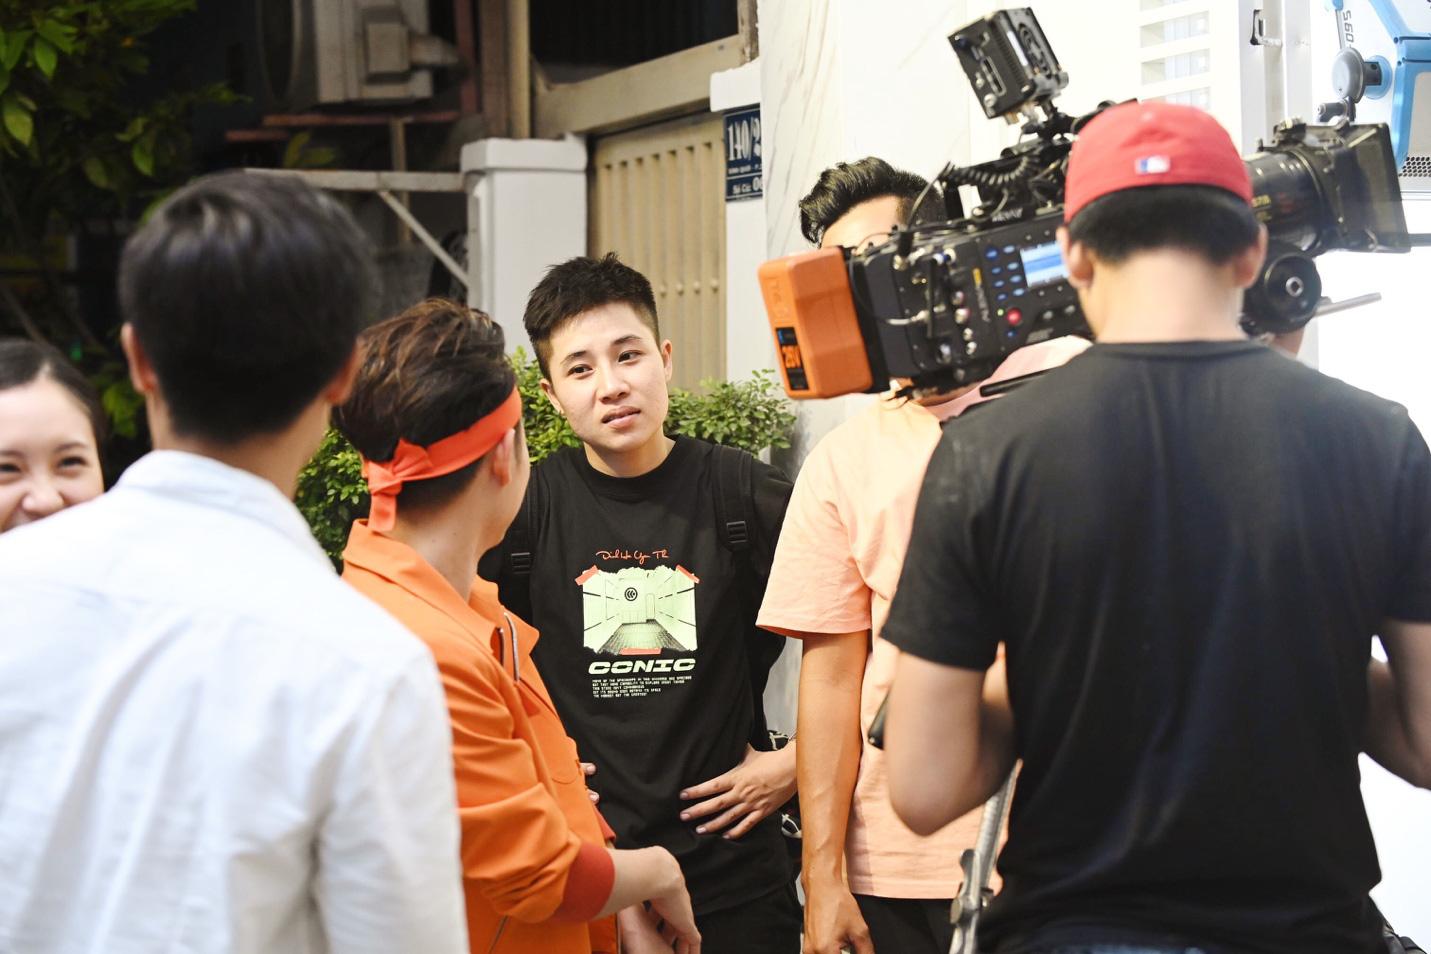 Trúc Nhân chơi lớn mùa Tết khi hợp tác cùng nhạc sĩ, đạo diễn đứng sau hàng loạt MV triệu view - Ảnh 3.